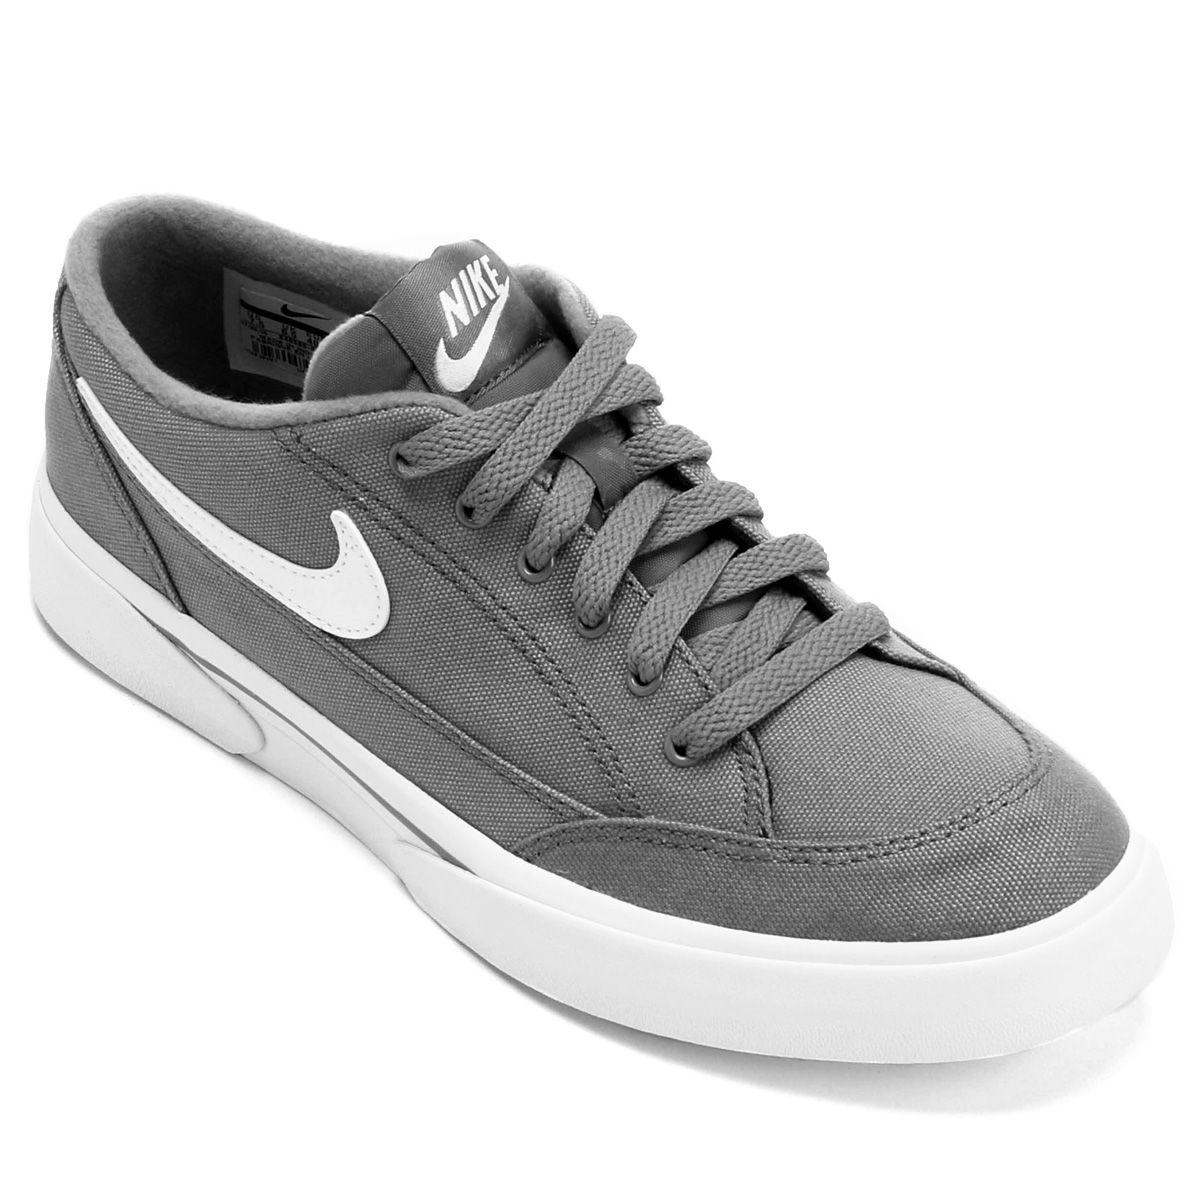 Nike Free Run Netshoes